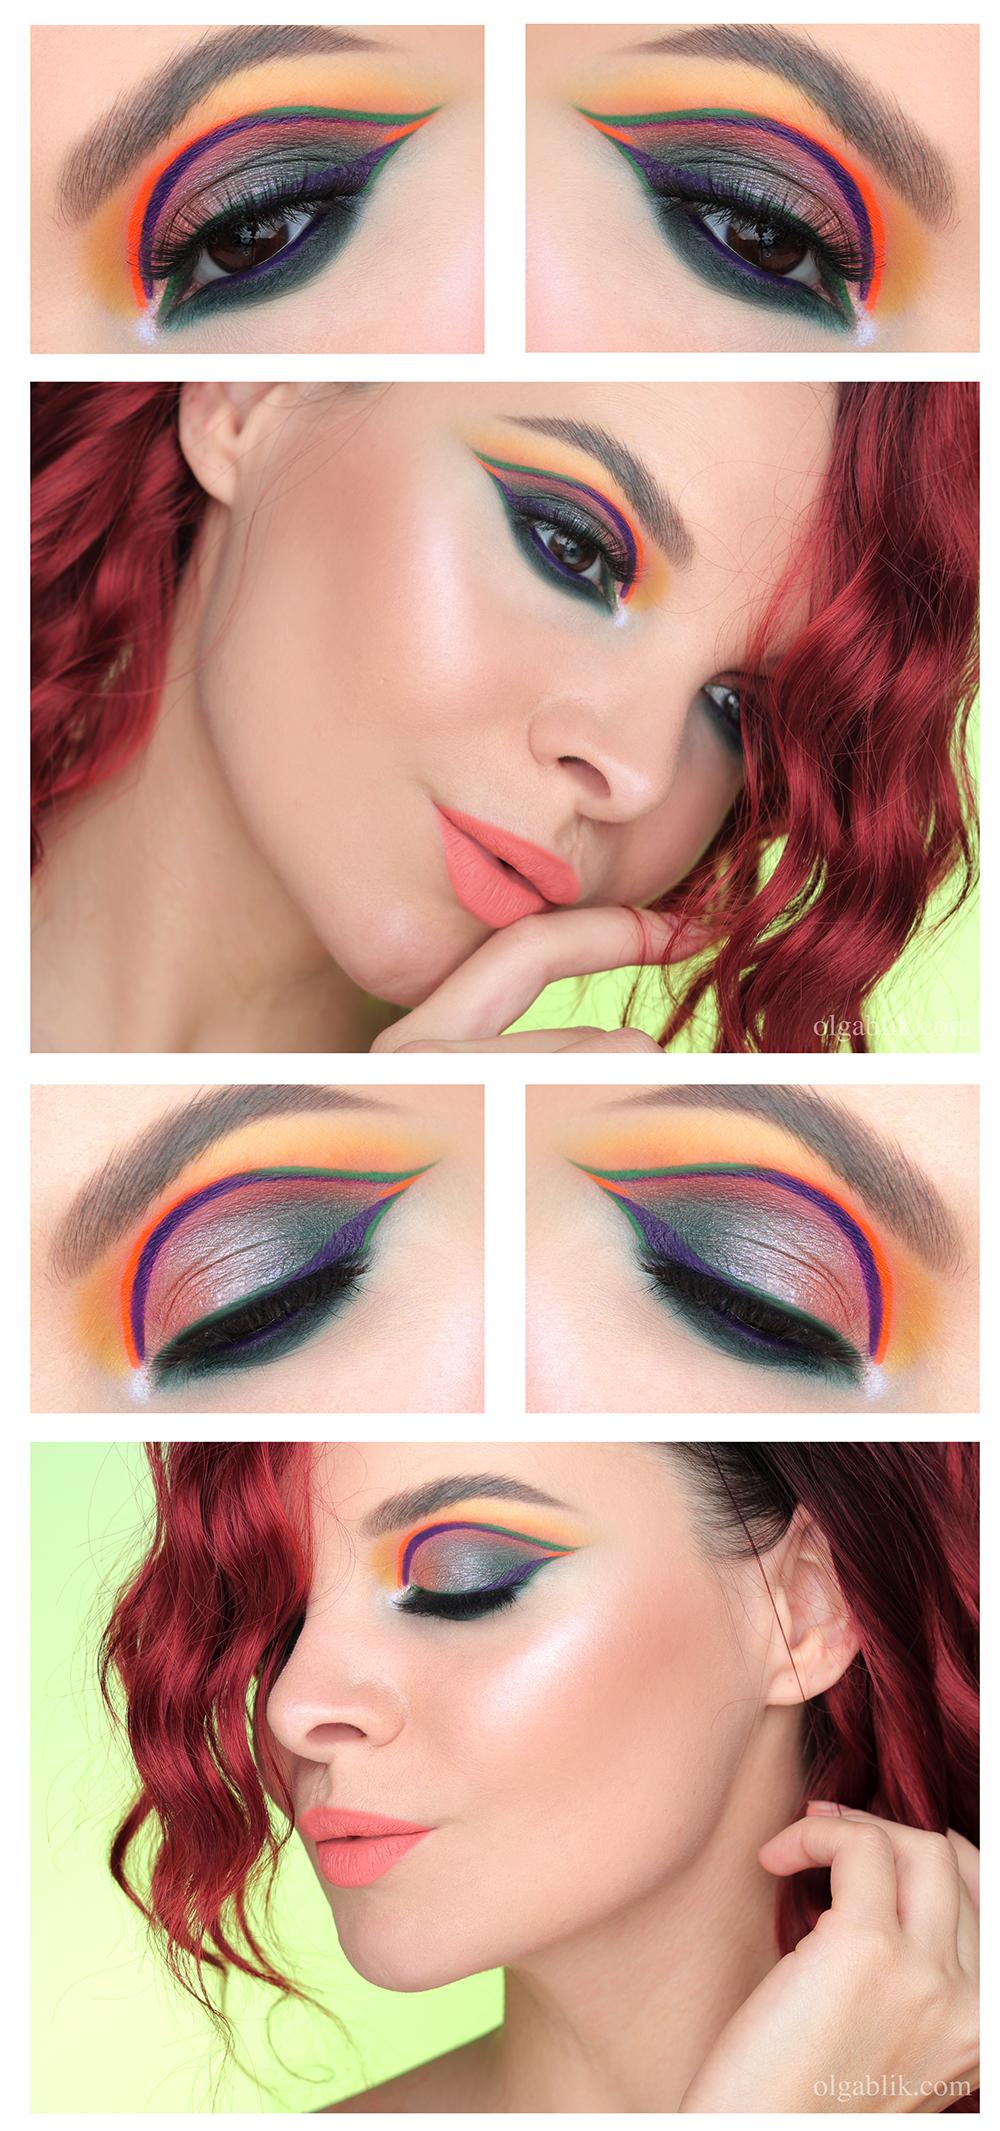 Креативные стрелки, Креативные стрелки на глаза, Стрелки на глазах макияж